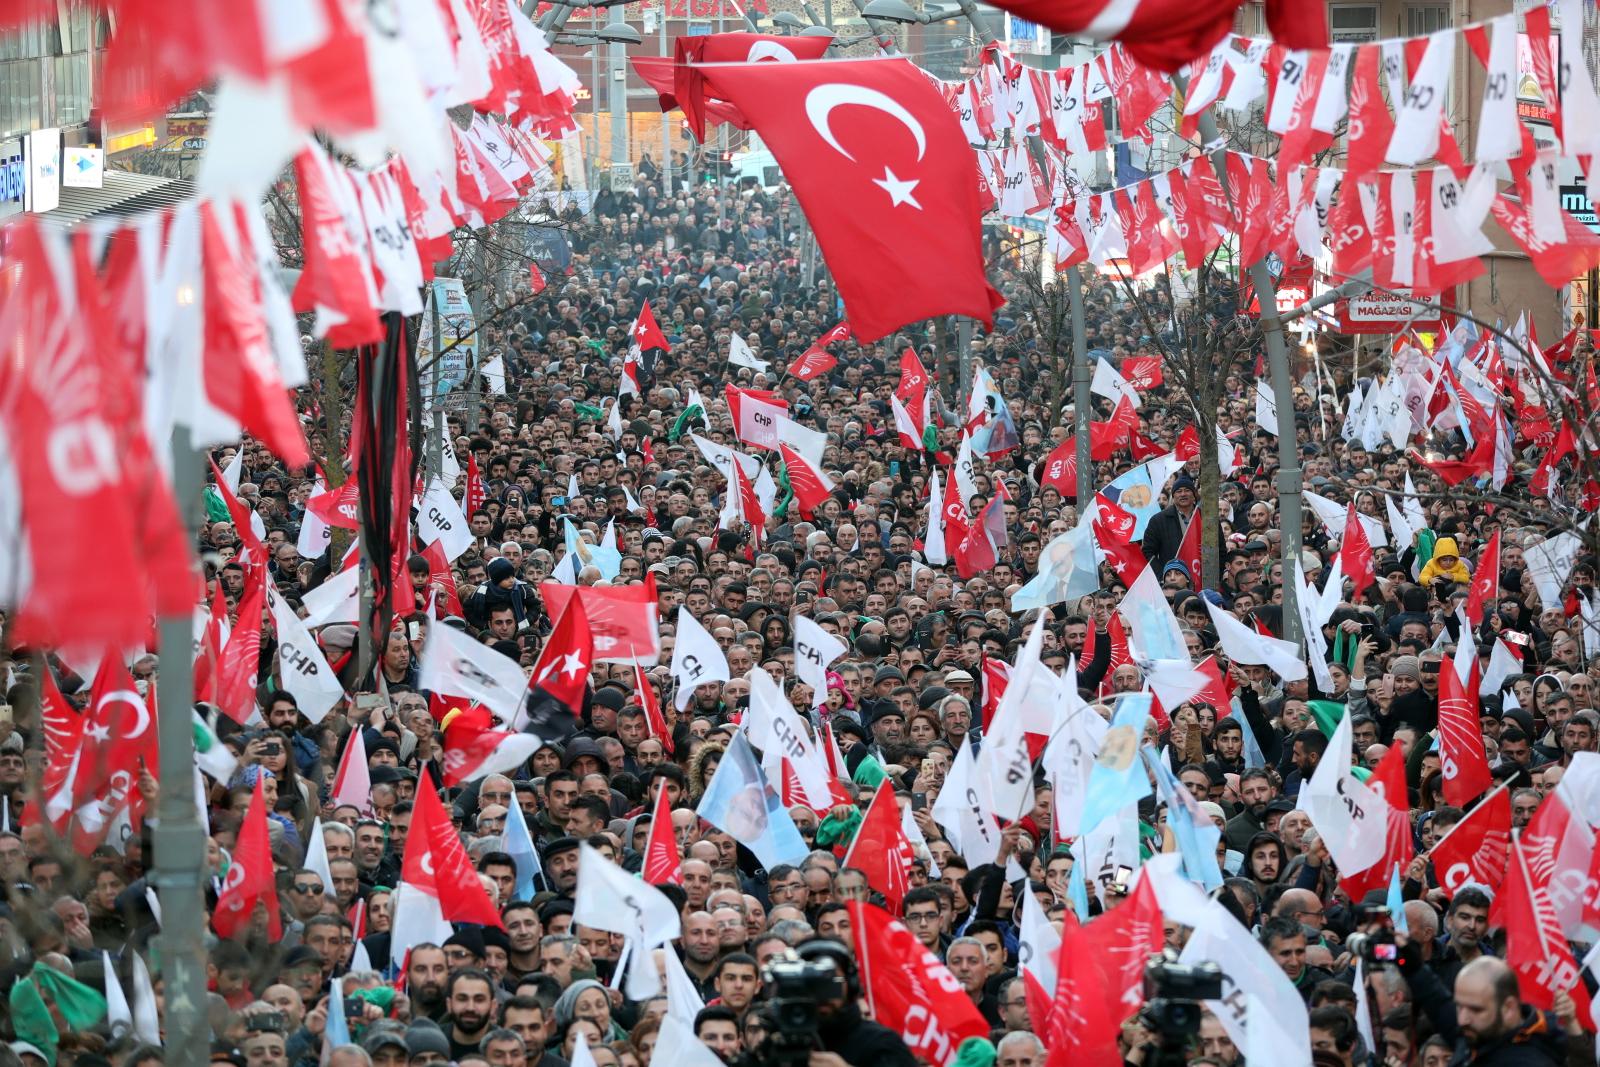 Wybory w Turcji fot. EPA/ERDEM SAHIN